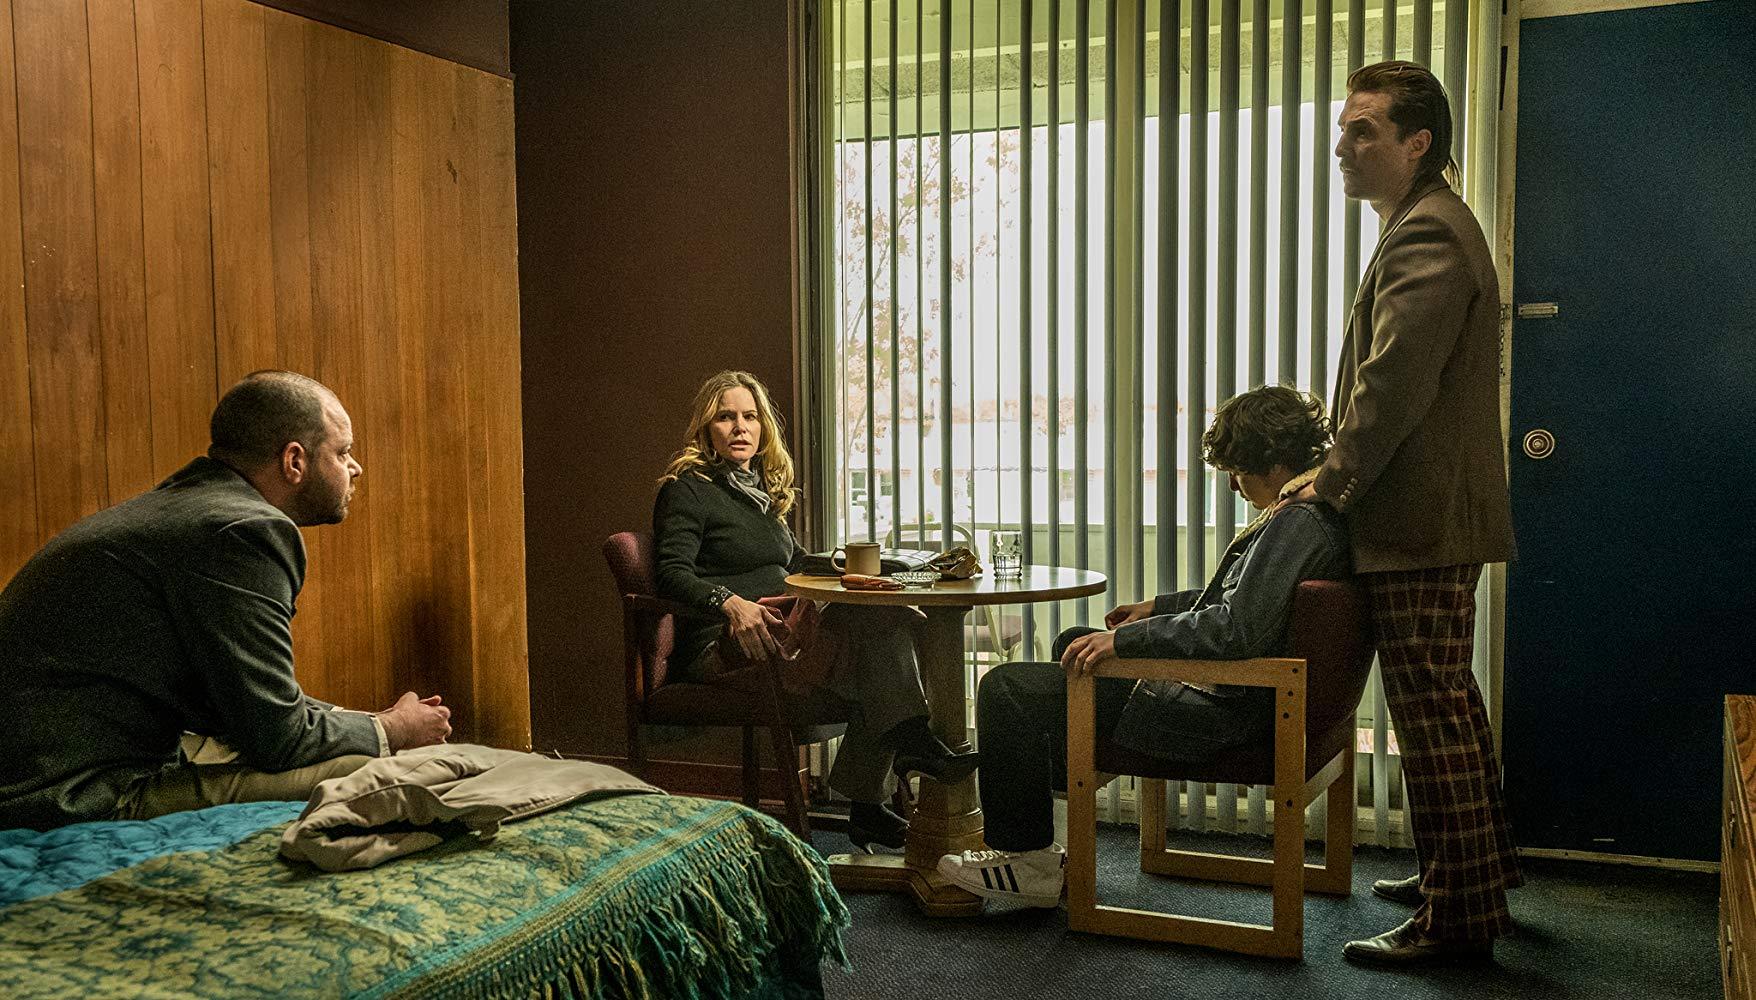 Cocaine - La Vera Storia Di White Boy Rick: una scena con Matthew McConaughey, Jennifer Jason Leigh, Rory Cochrane, Richie Merritt